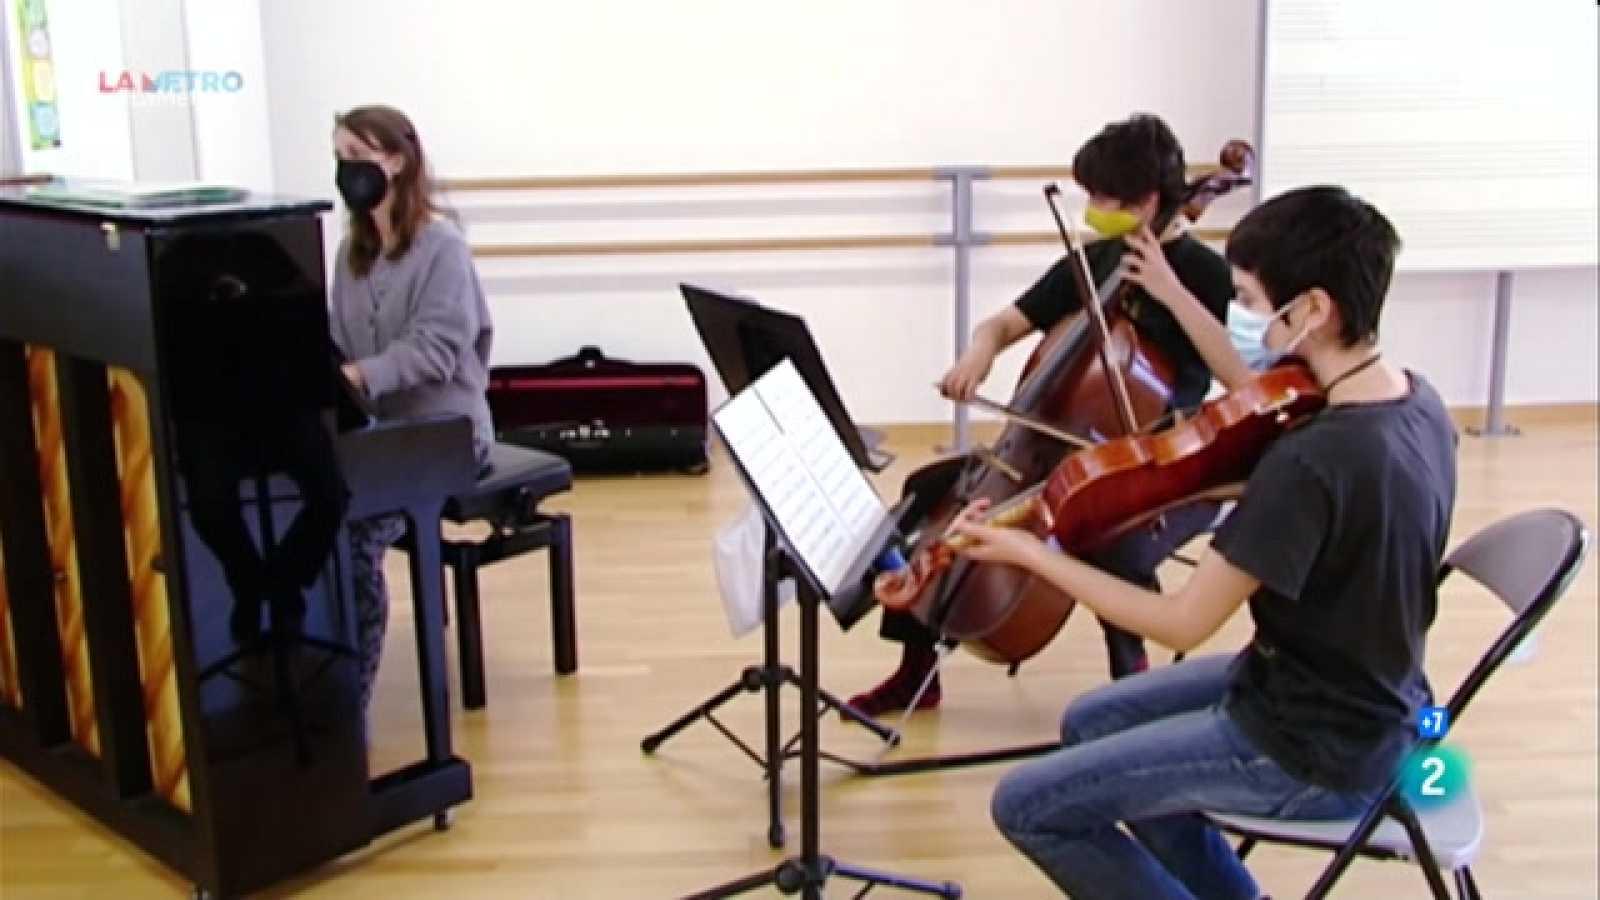 Expliquem l'èxit de l'escola de música de L'Hospitalet de Llobregat en el marc del programa de promou l'ajuntament per potenciar la cultura a les escoles de la ciutat